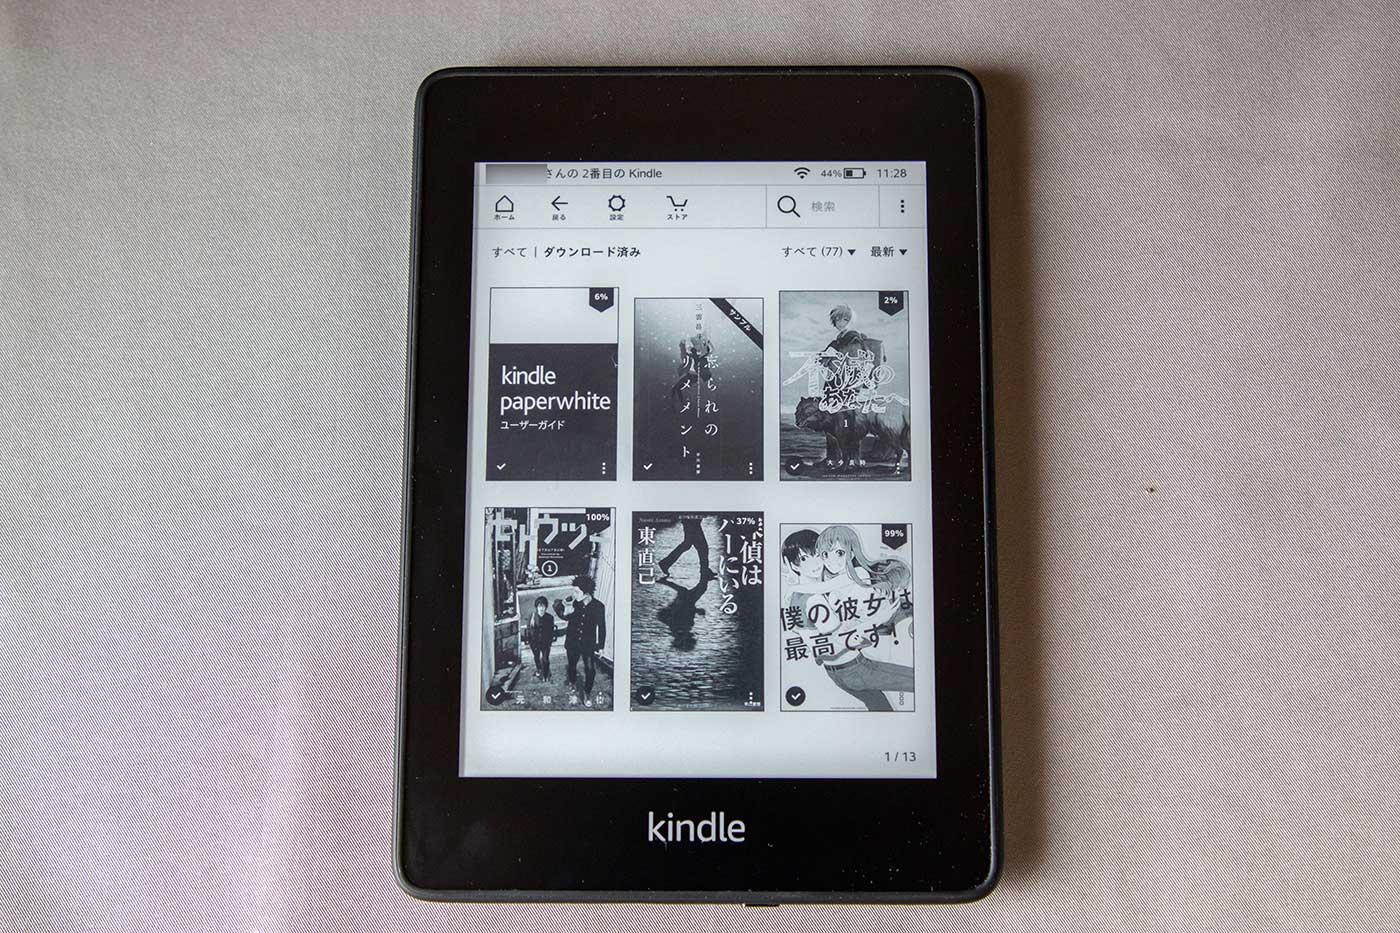 KindlePaperwhiteの書籍の一覧性